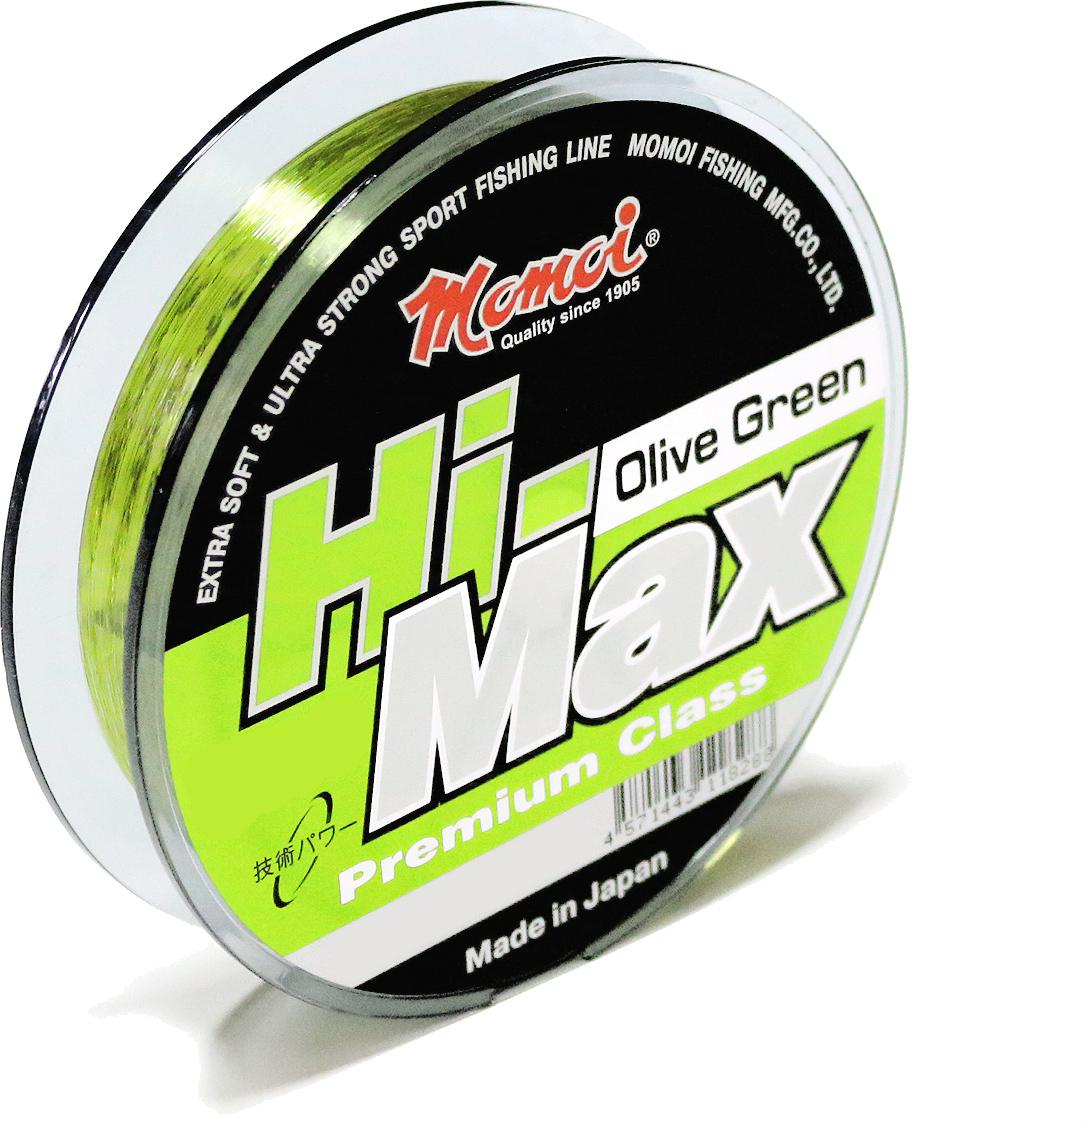 Леска Momoi Fishing Hi-Max Olive Green, 0,50 мм, 23,0 кг, 100 м6153Всесезонная рыболовная леска. Относится к типу спортивных лесок.Благодаря антистатическому скользкому покрытию идеально подходит как для спининга, так и для всех видов поплавочных удилищ с кольцами. Является одной из самых востребованных сополимерных лесок из-за отсутствия эффекта памяти и высокой узловой прочности.